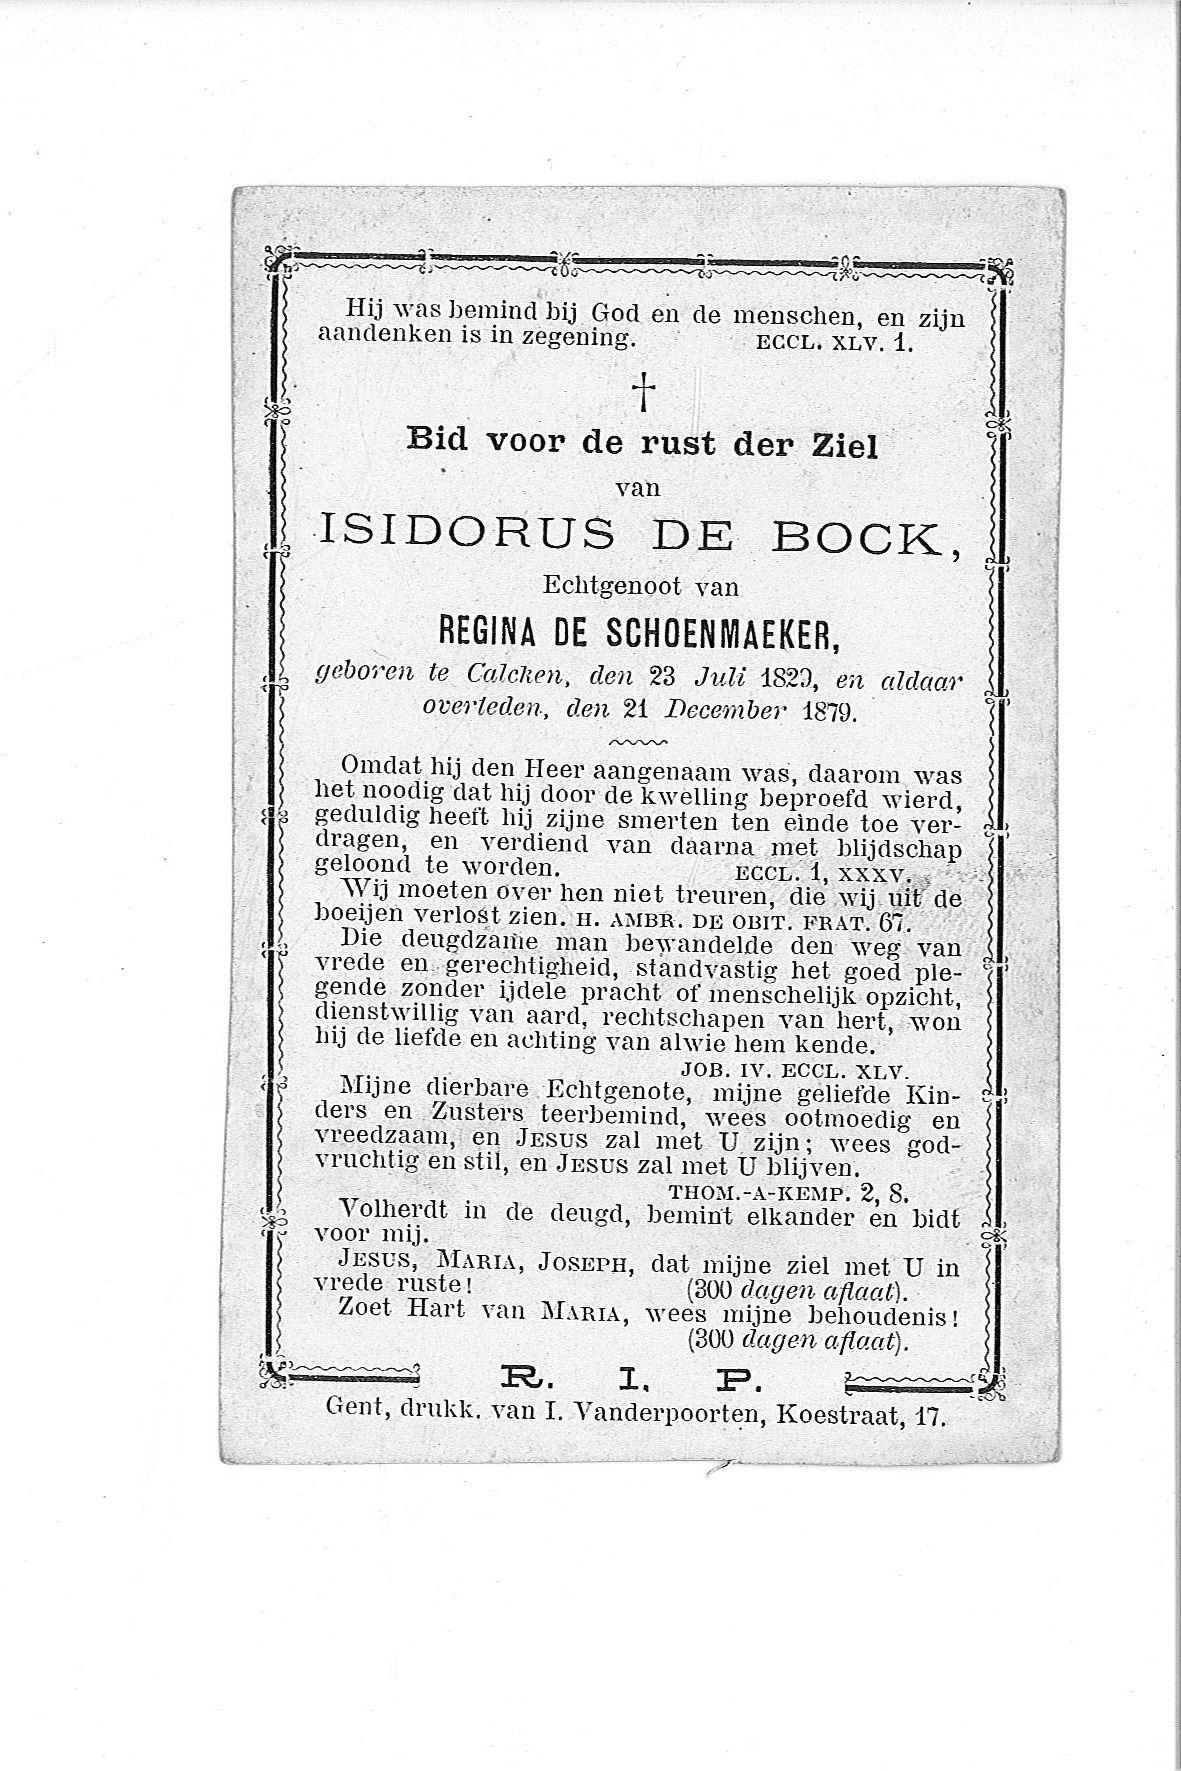 isidorus(1879)20090409100949_00027.jpg